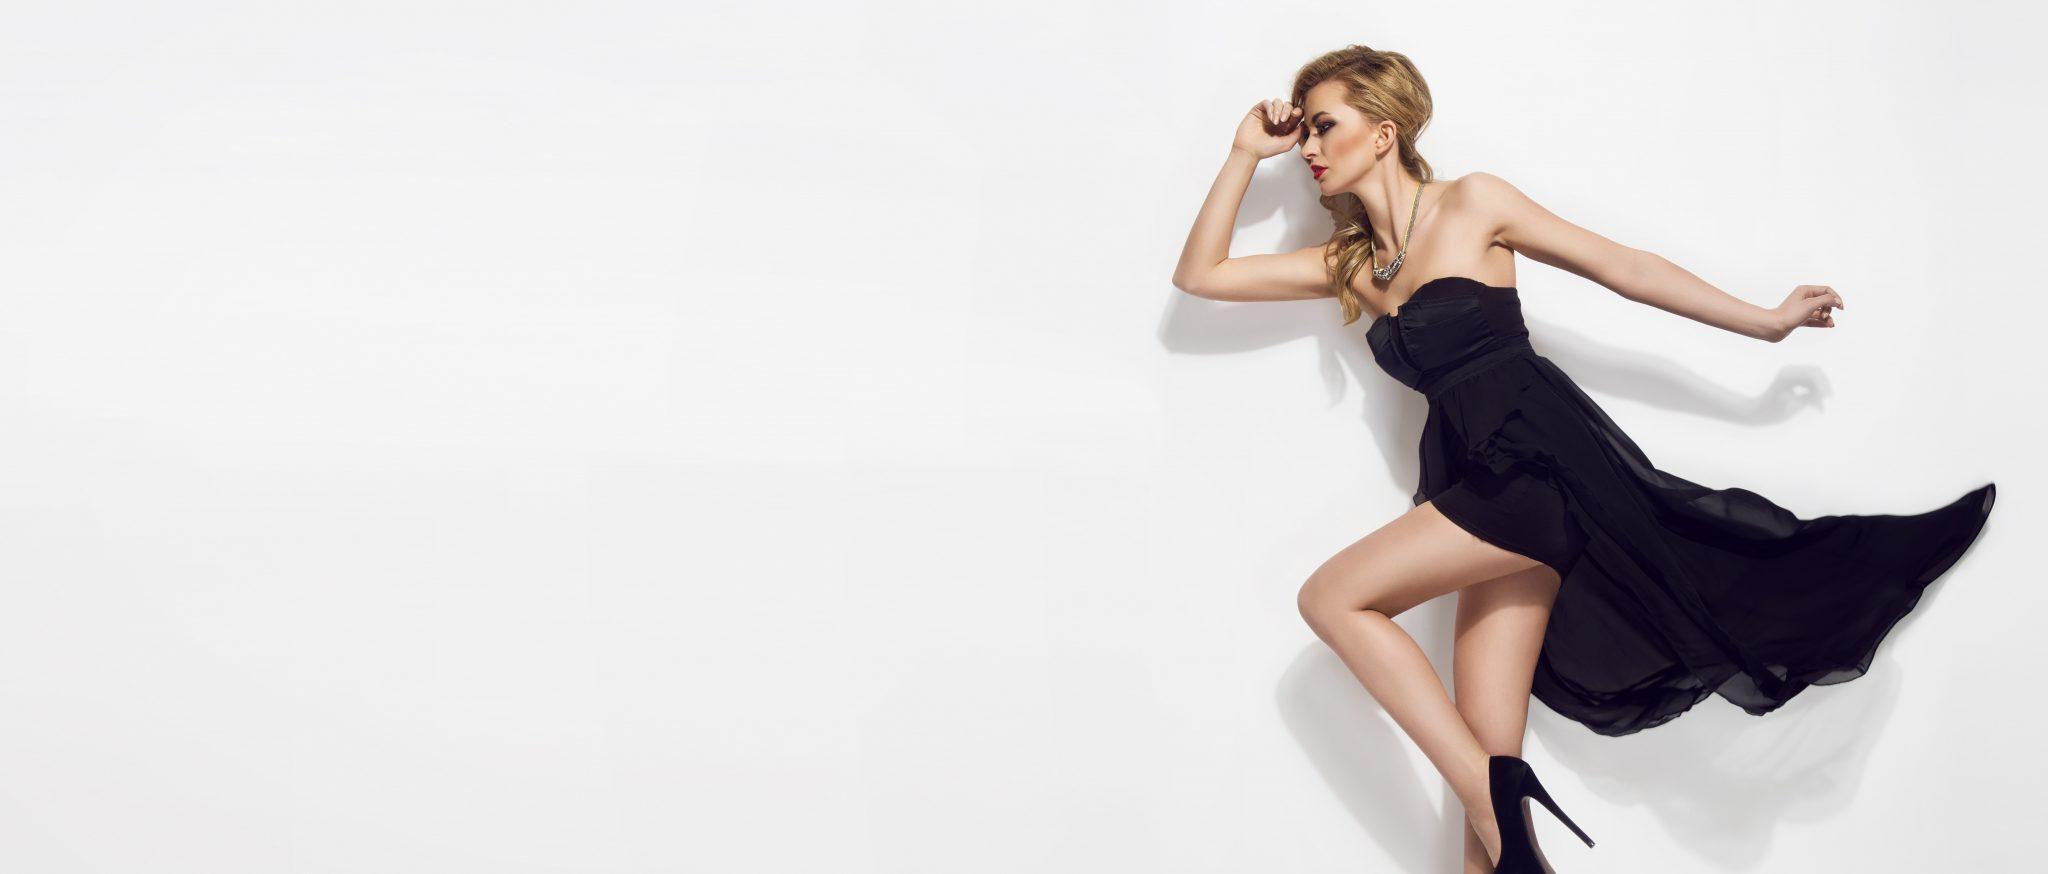 Φωτογραφία μόδας blog